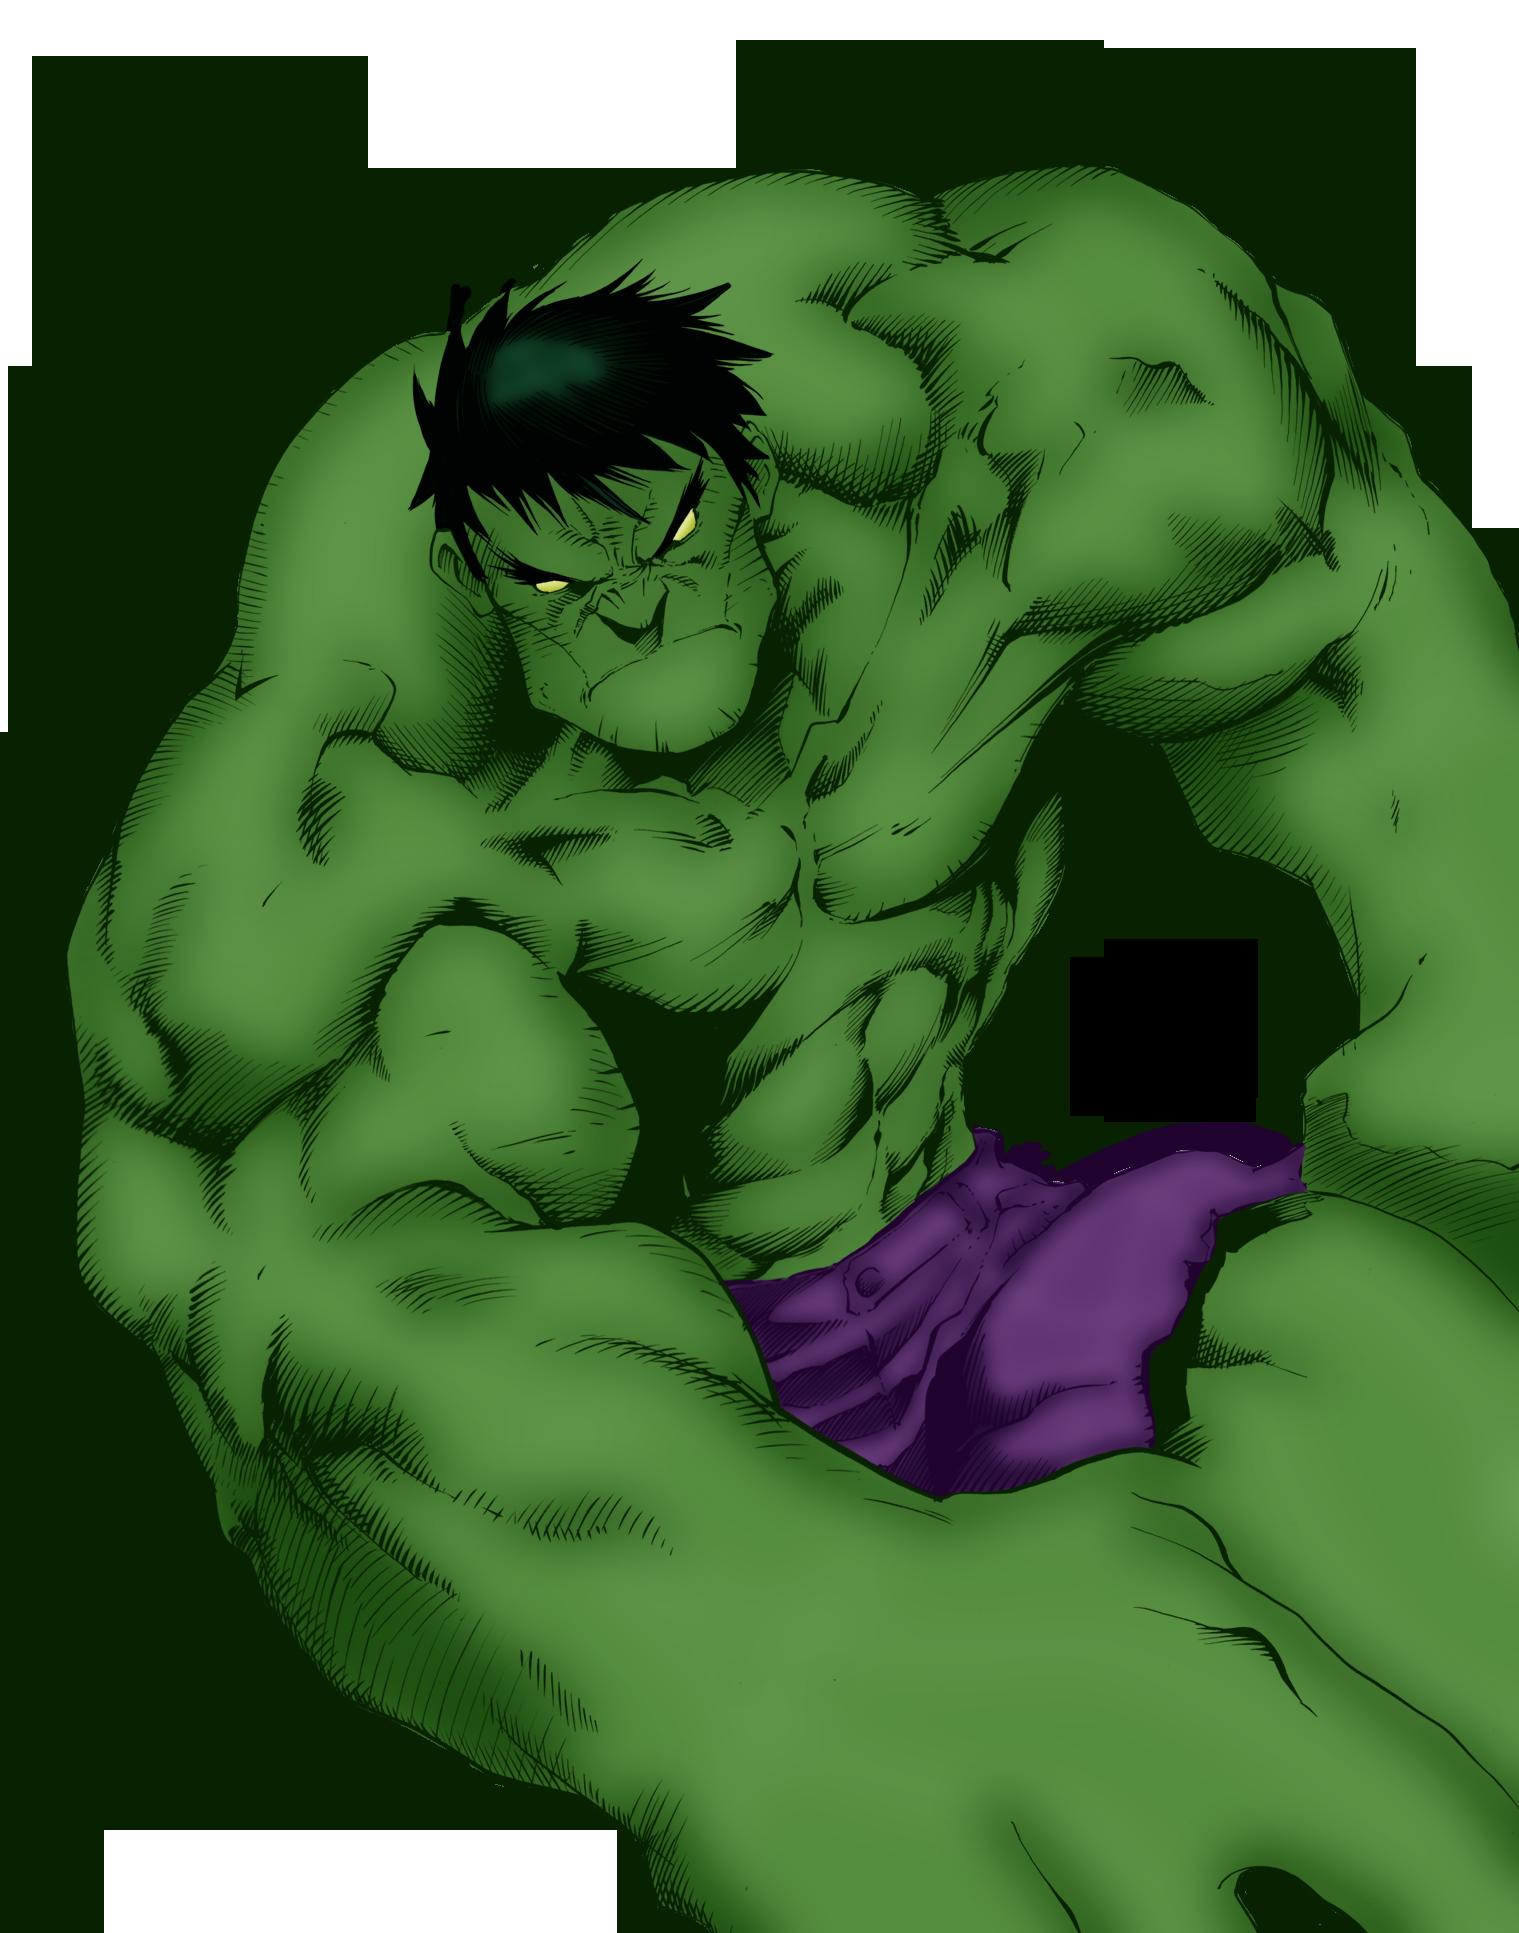 Hulk 2.0 by Blackmoonrose13